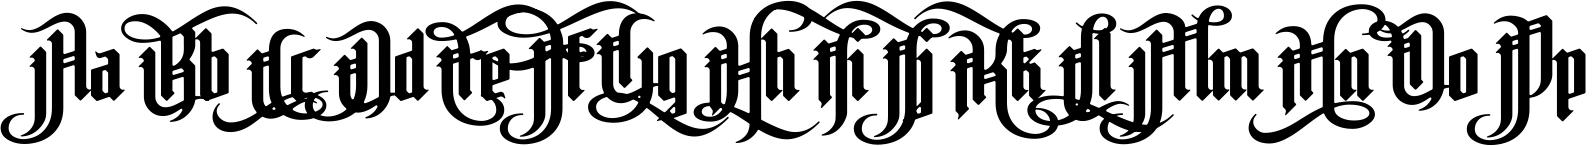 Pontifice